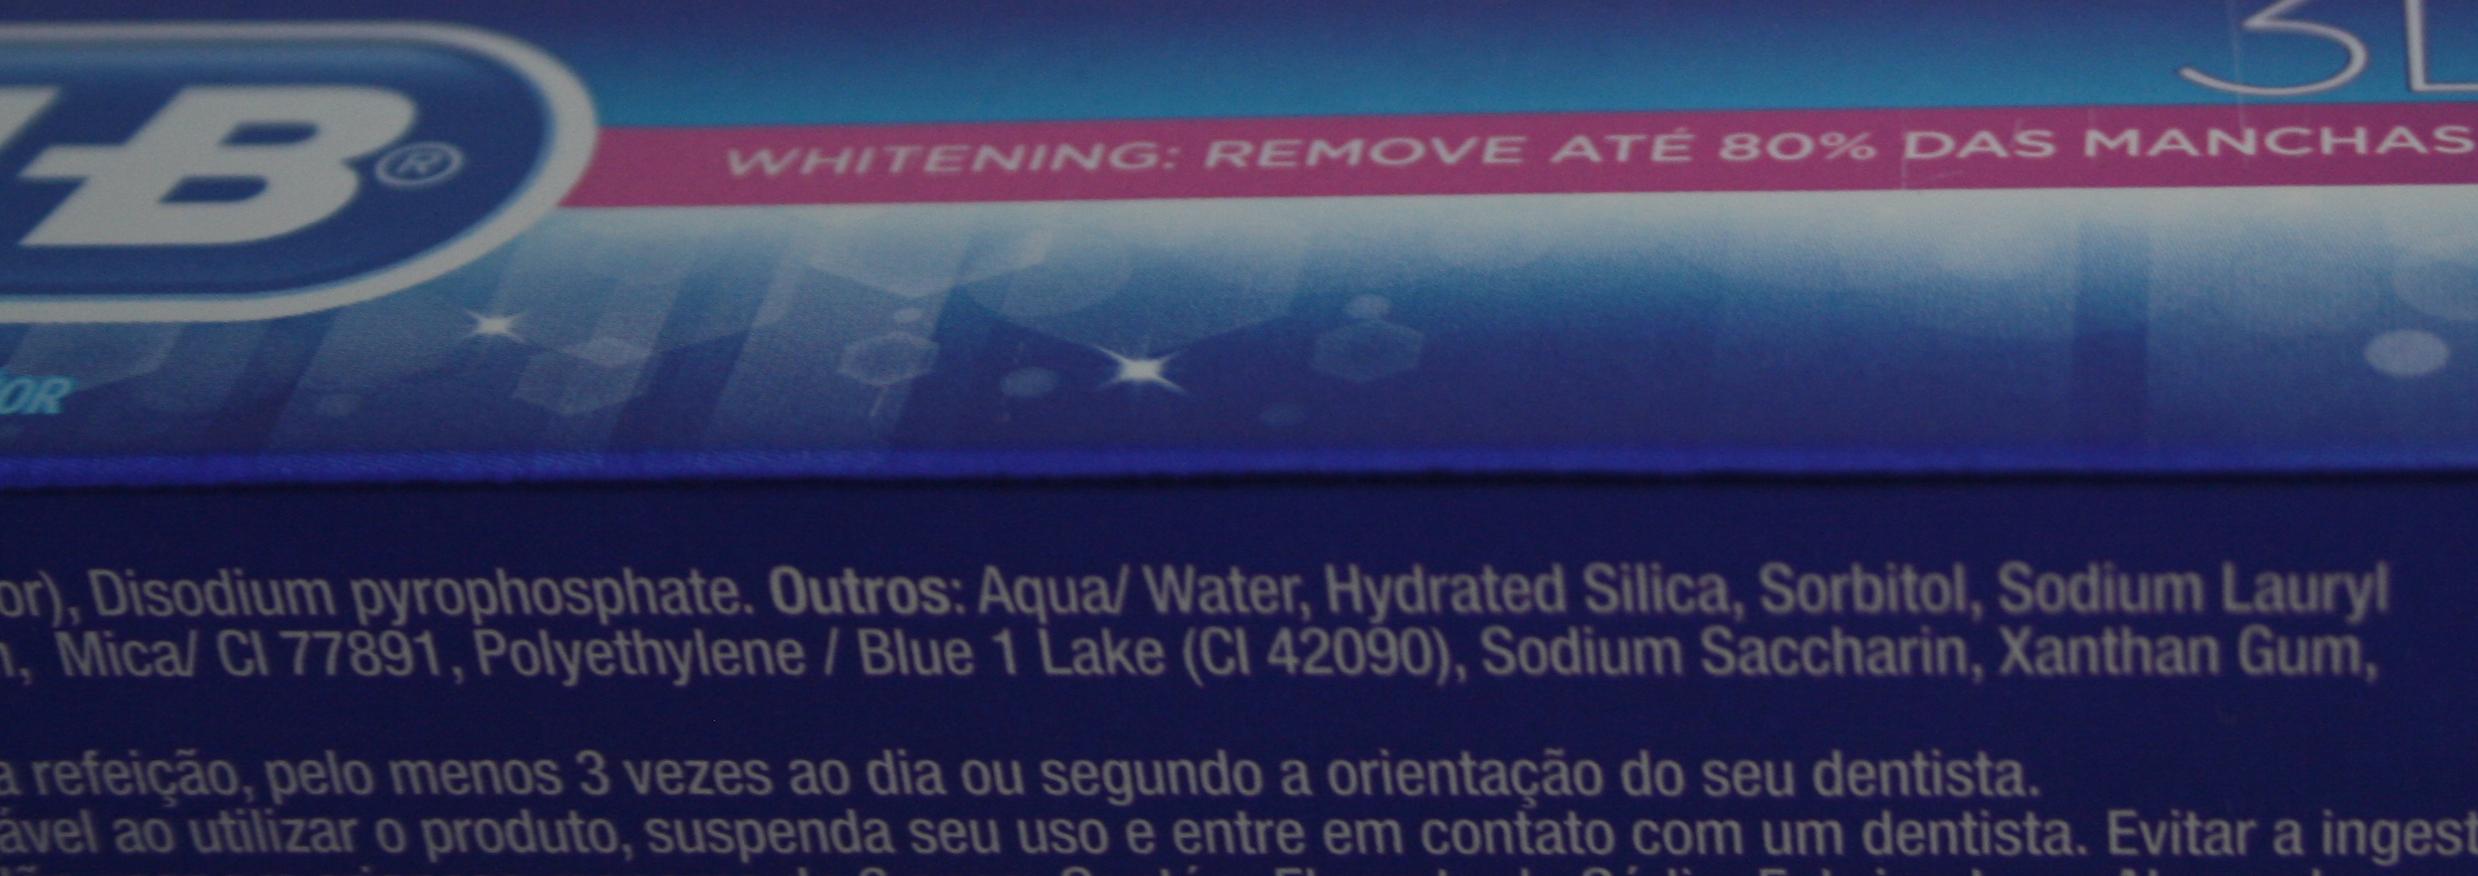 Exemplo de foto com detalhe dos ingredientes, evidenciando a presença de Polyethylene. Foto: André Branco